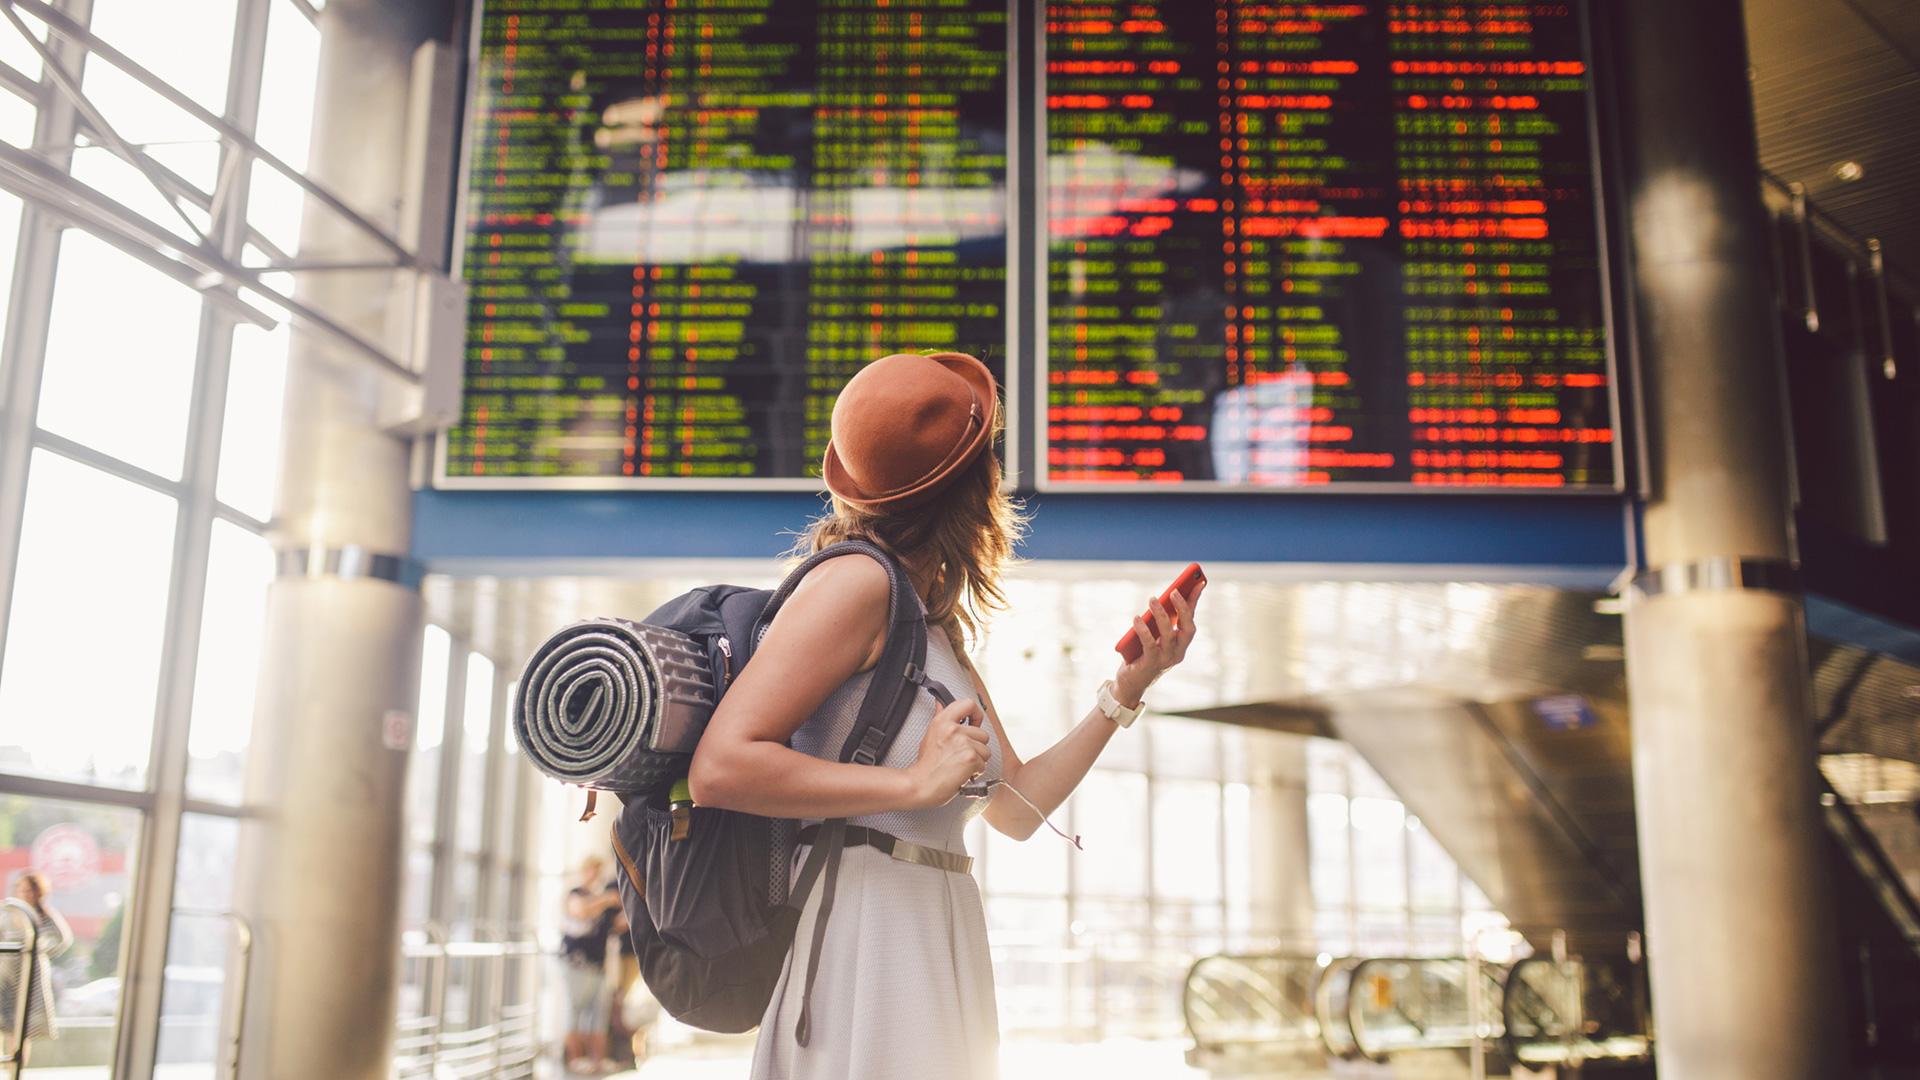 Eine Frau mit Hut und Rucksack prüft die Anzeigetafel am Flughafen und hält ihr Smartphone in der Hand.